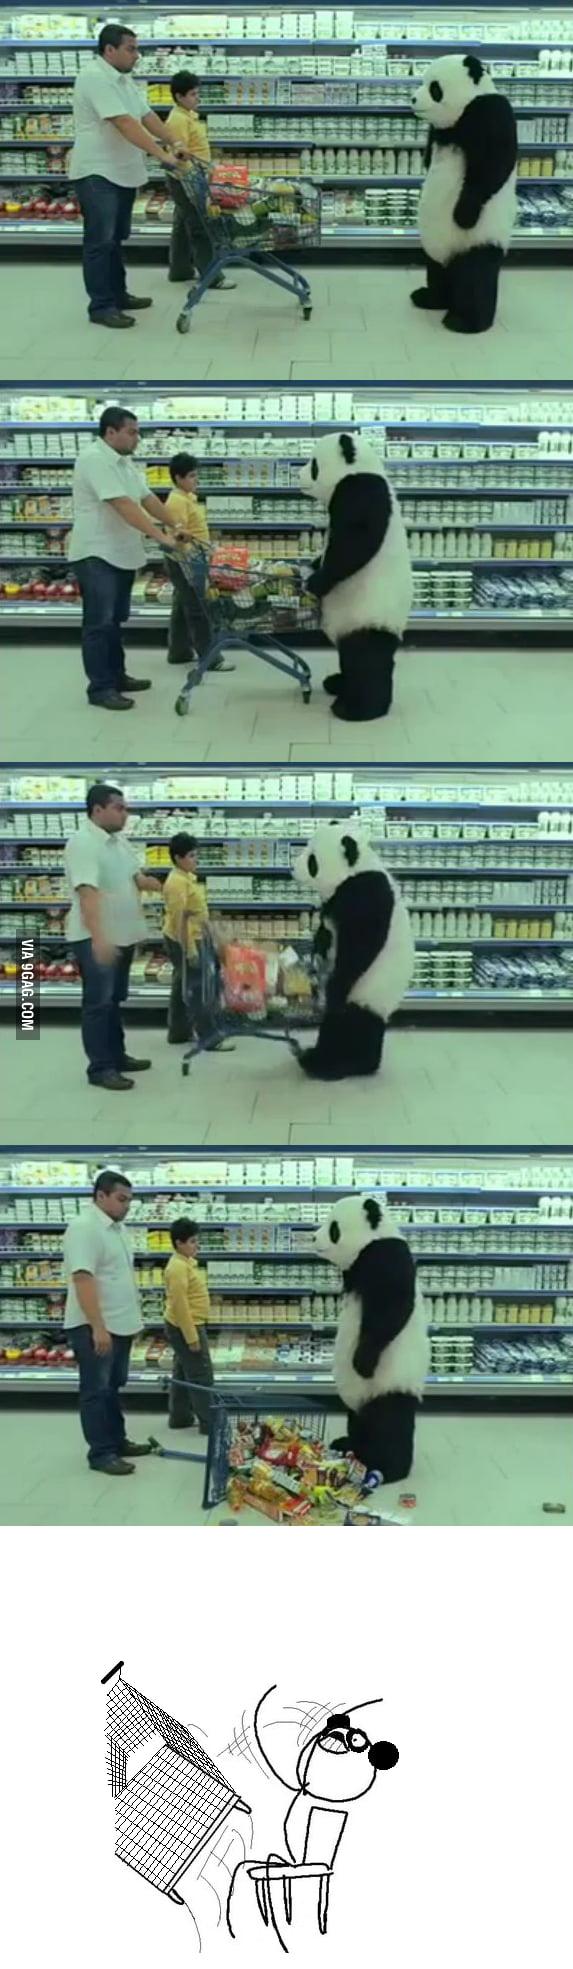 Panda flip!